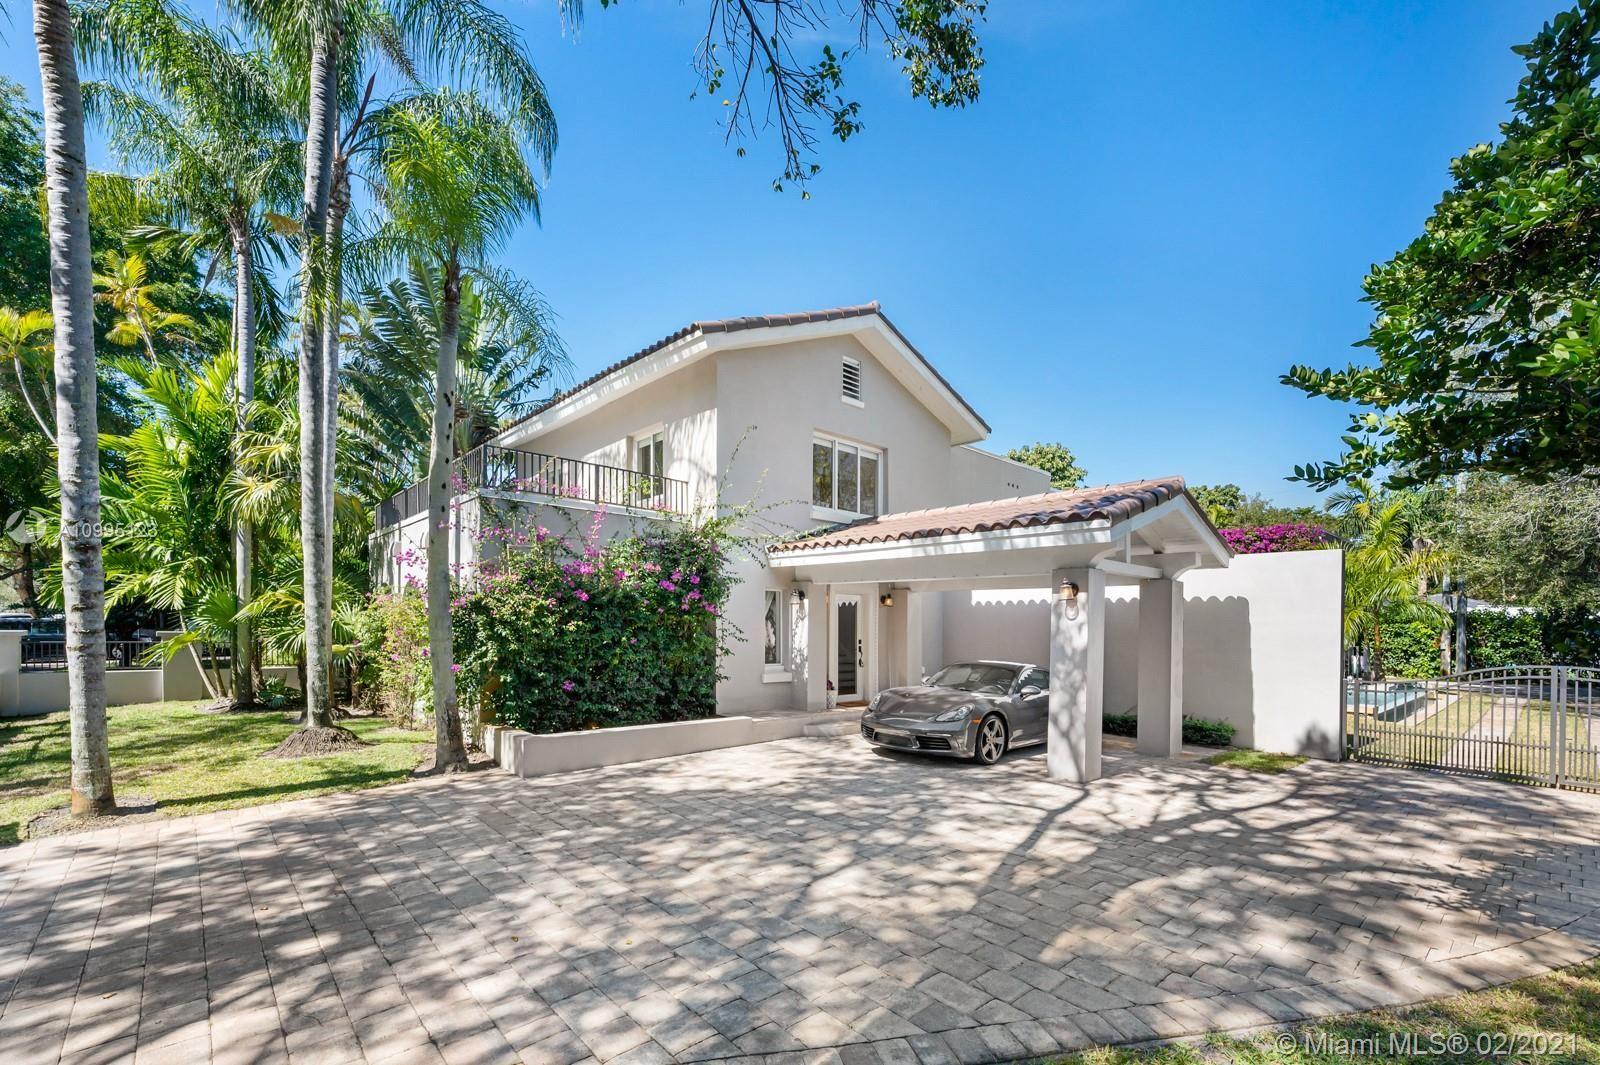 735 Escobar Ave, Coral Gables, FL 33134 - #: A10995123